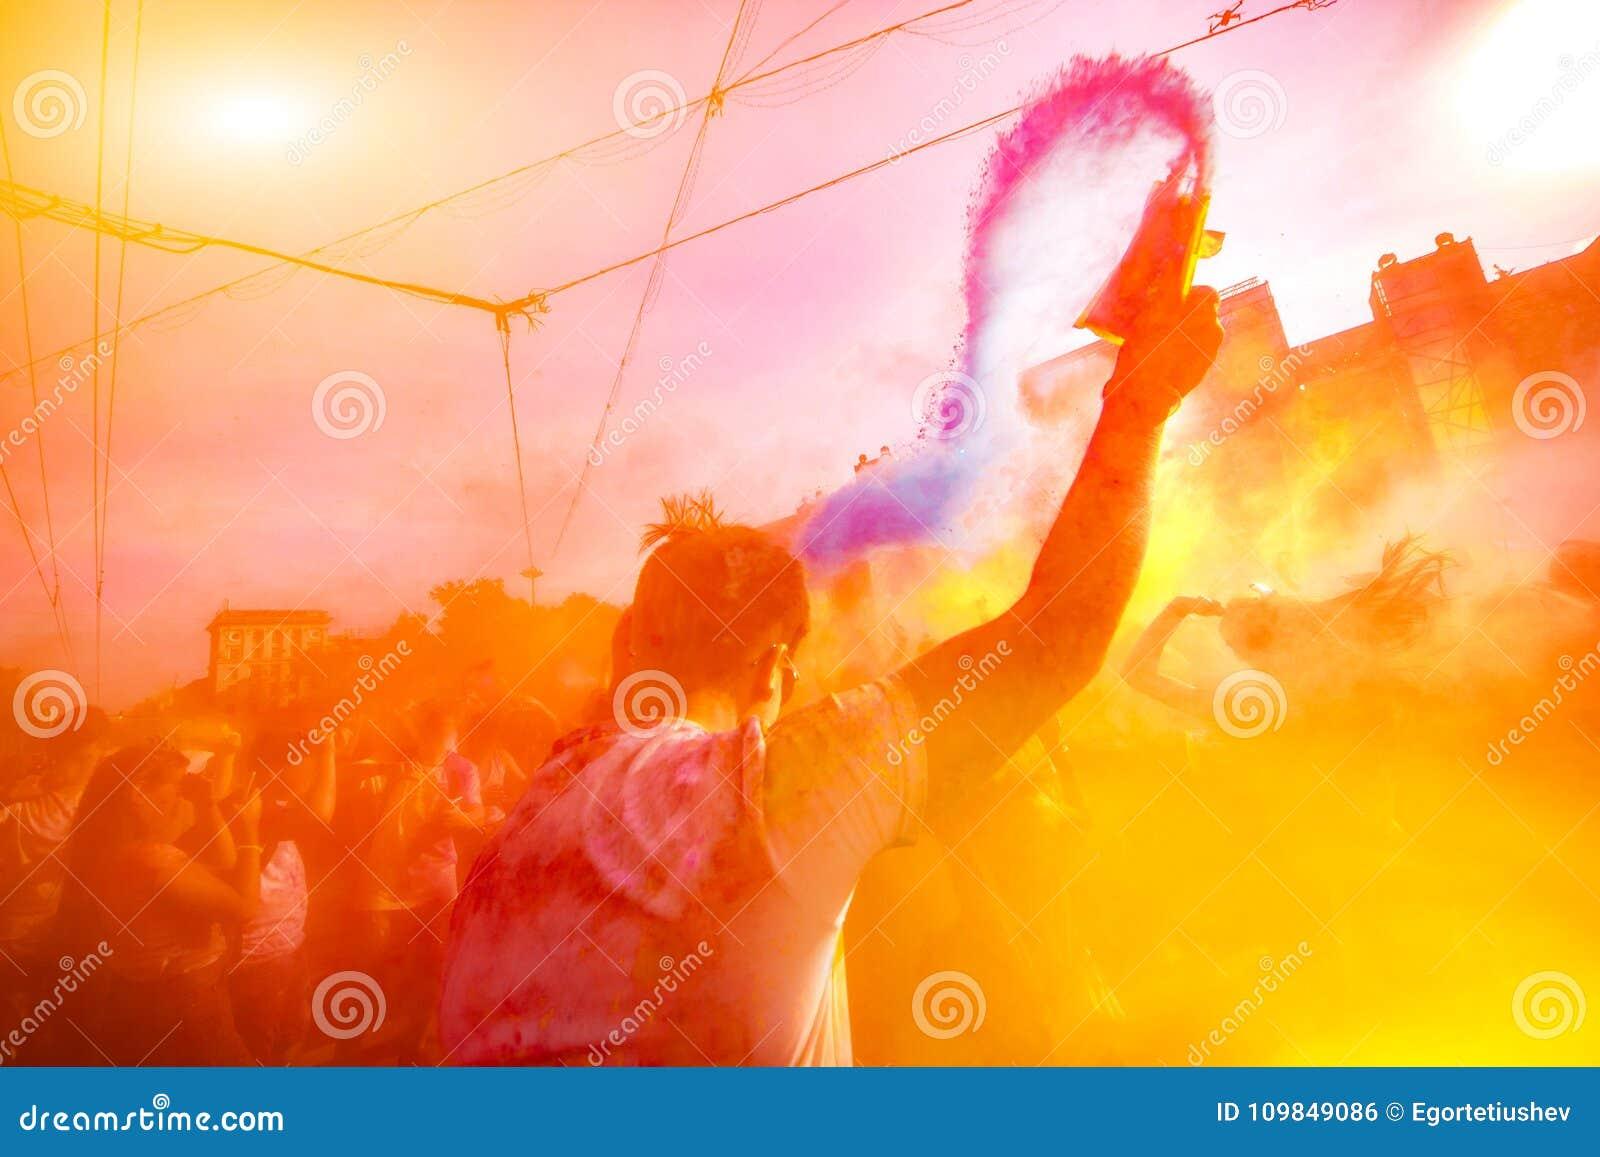 Χρώμα της Μολδαβίας Chisinau Δαρβίνος εορτασμού Holi στις 9 Σεπτεμβρίου 2017